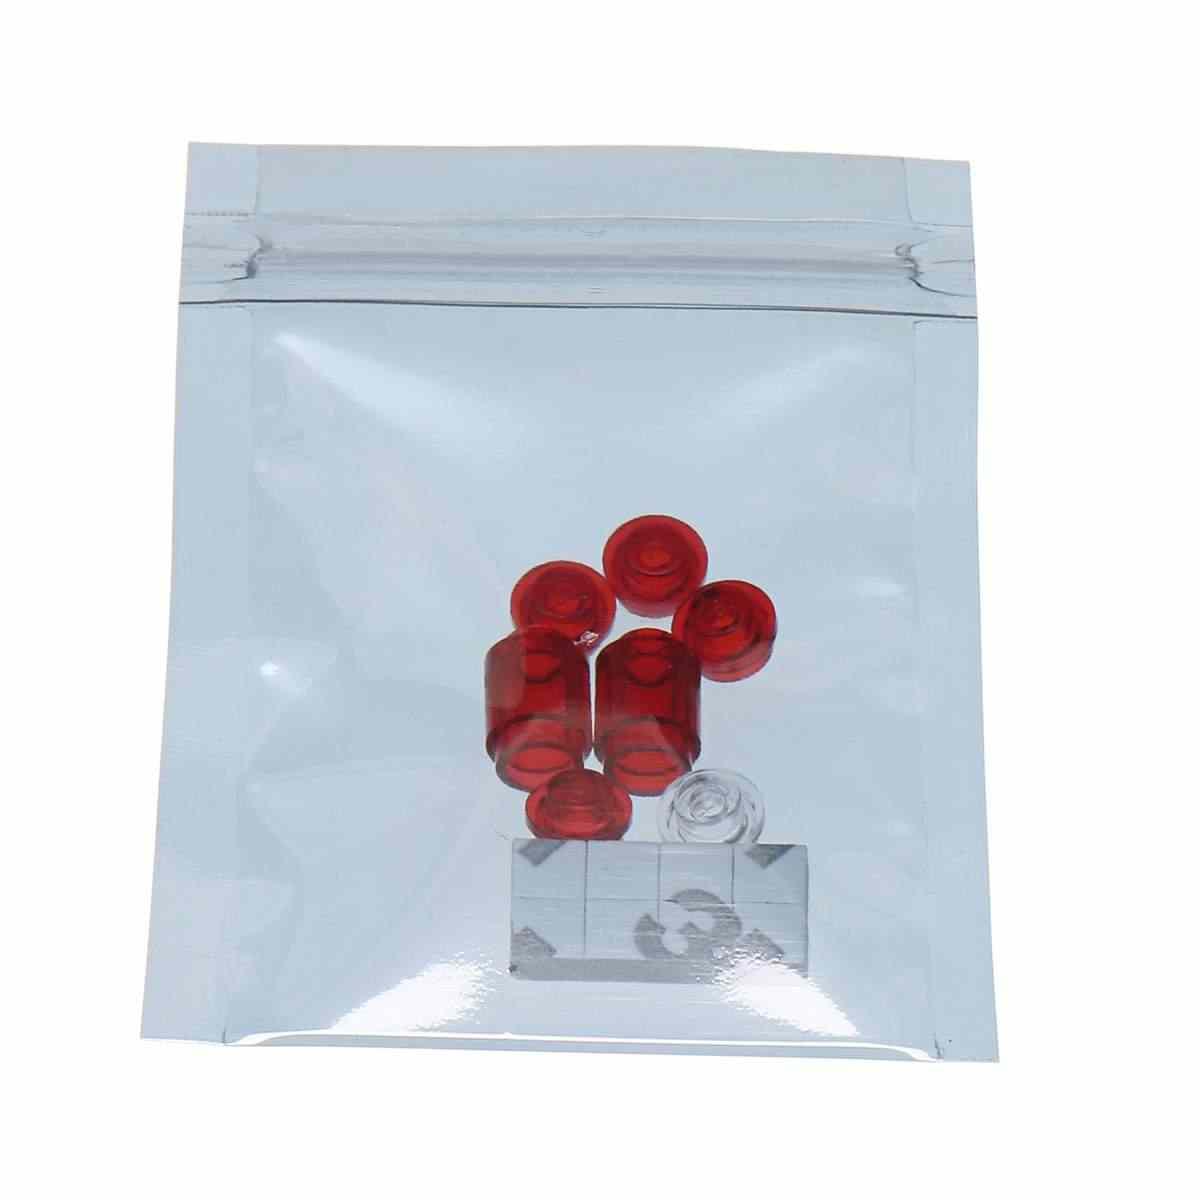 Światła LED zestaw oświetlenia tylko dla LEGO dla 80102 na nowy rok smok taniec klocki klocki (Model nie jest wliczony w cenę)